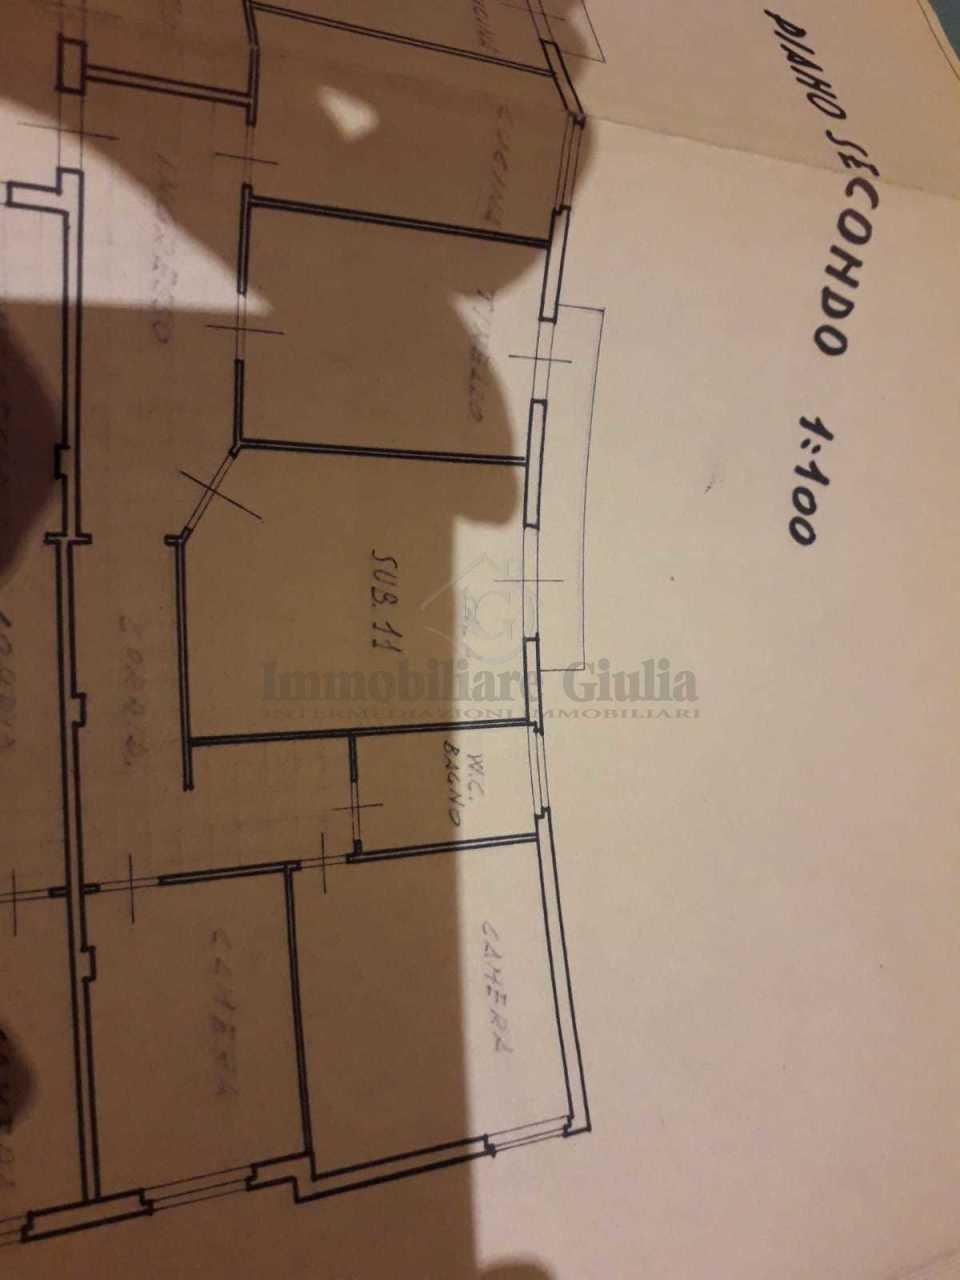 Appartamenti e Attici PARMA affitto  Via Venezia  Studio Immobiliare Giulia Srls